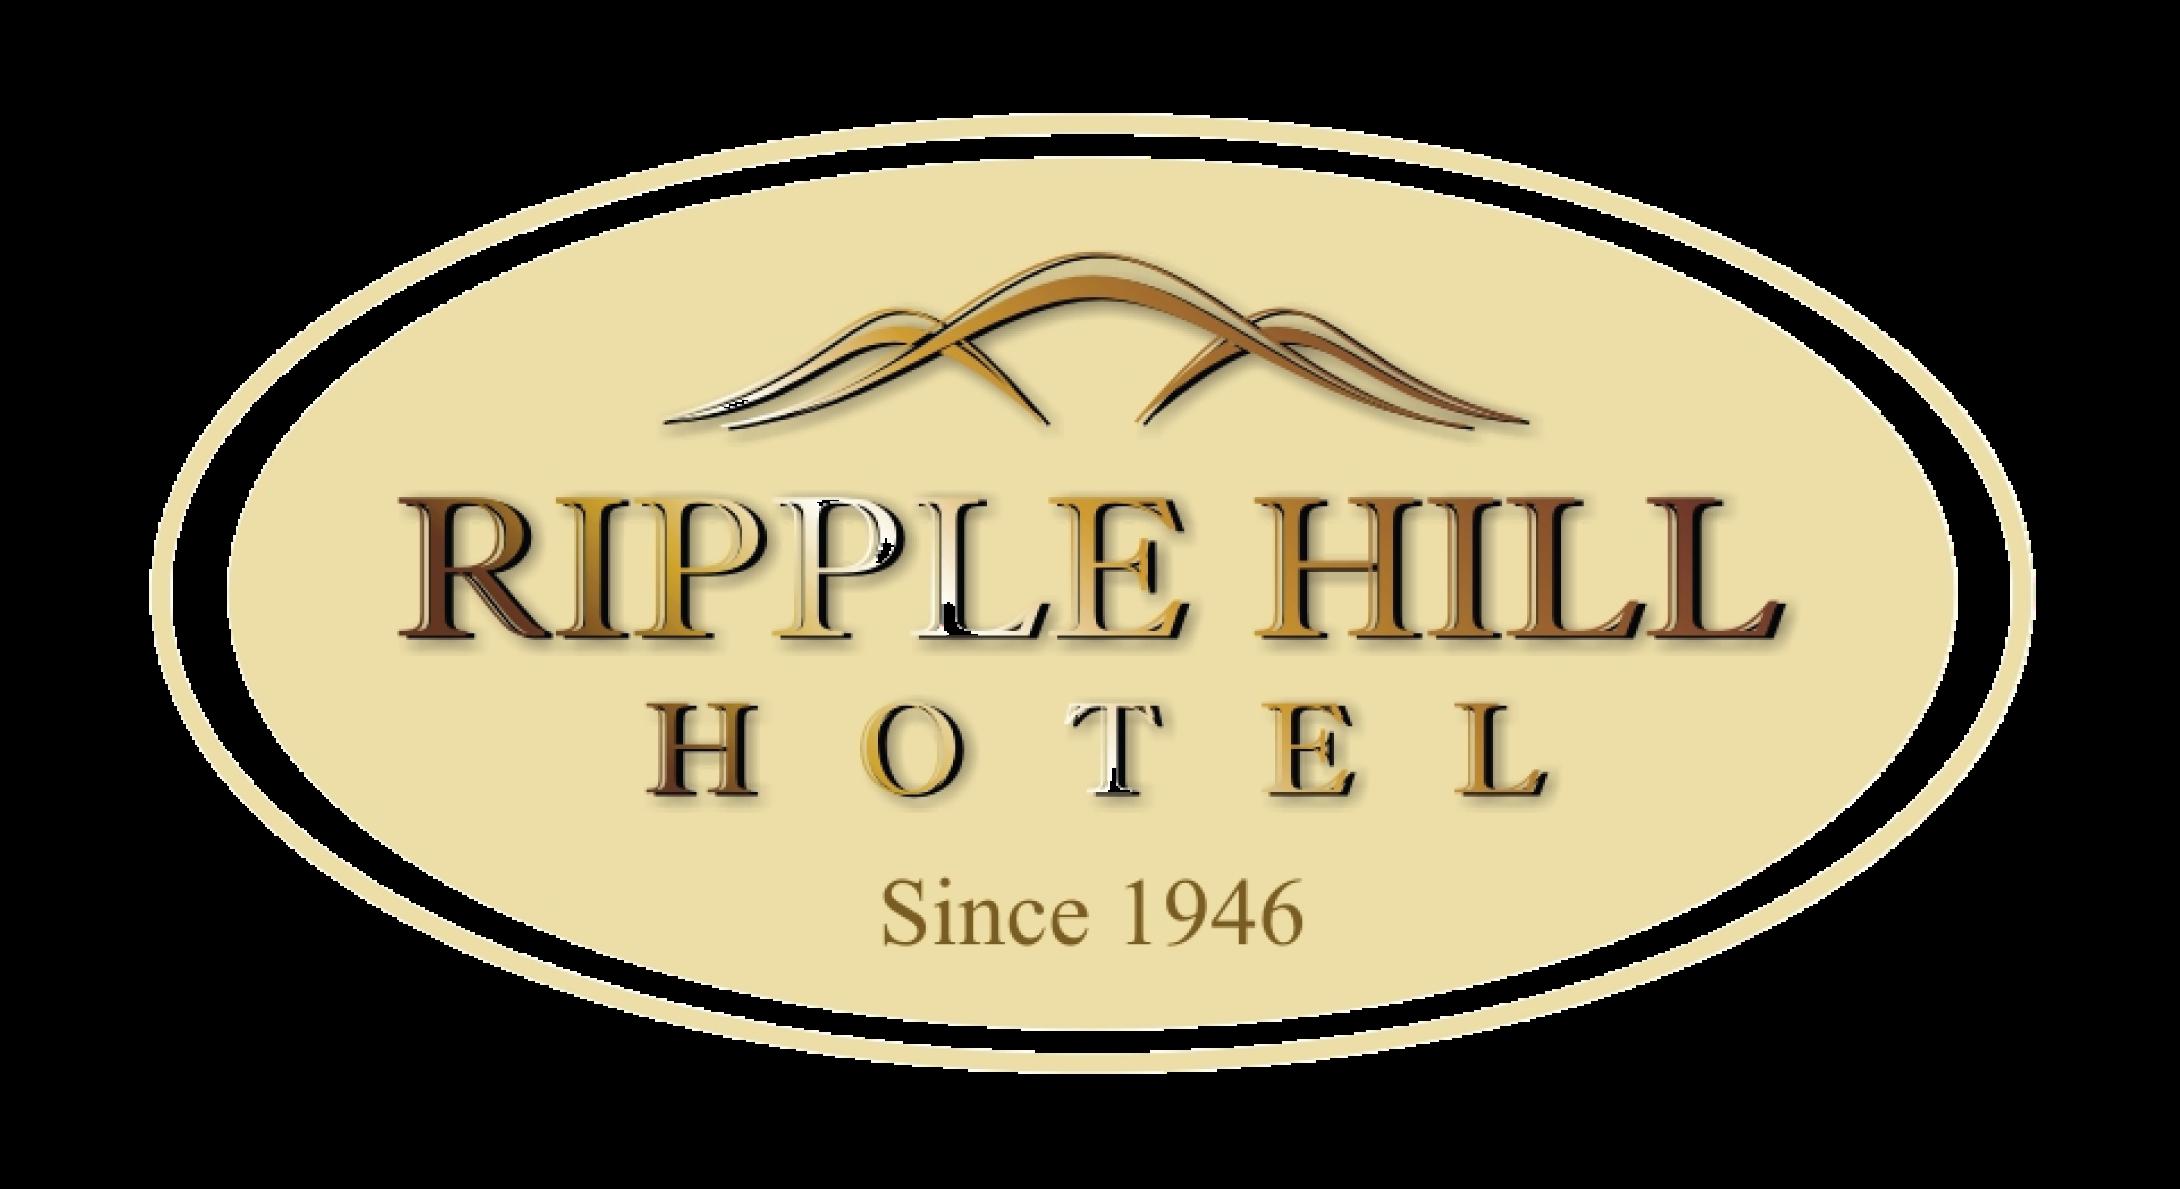 Ripple Hill Hotel